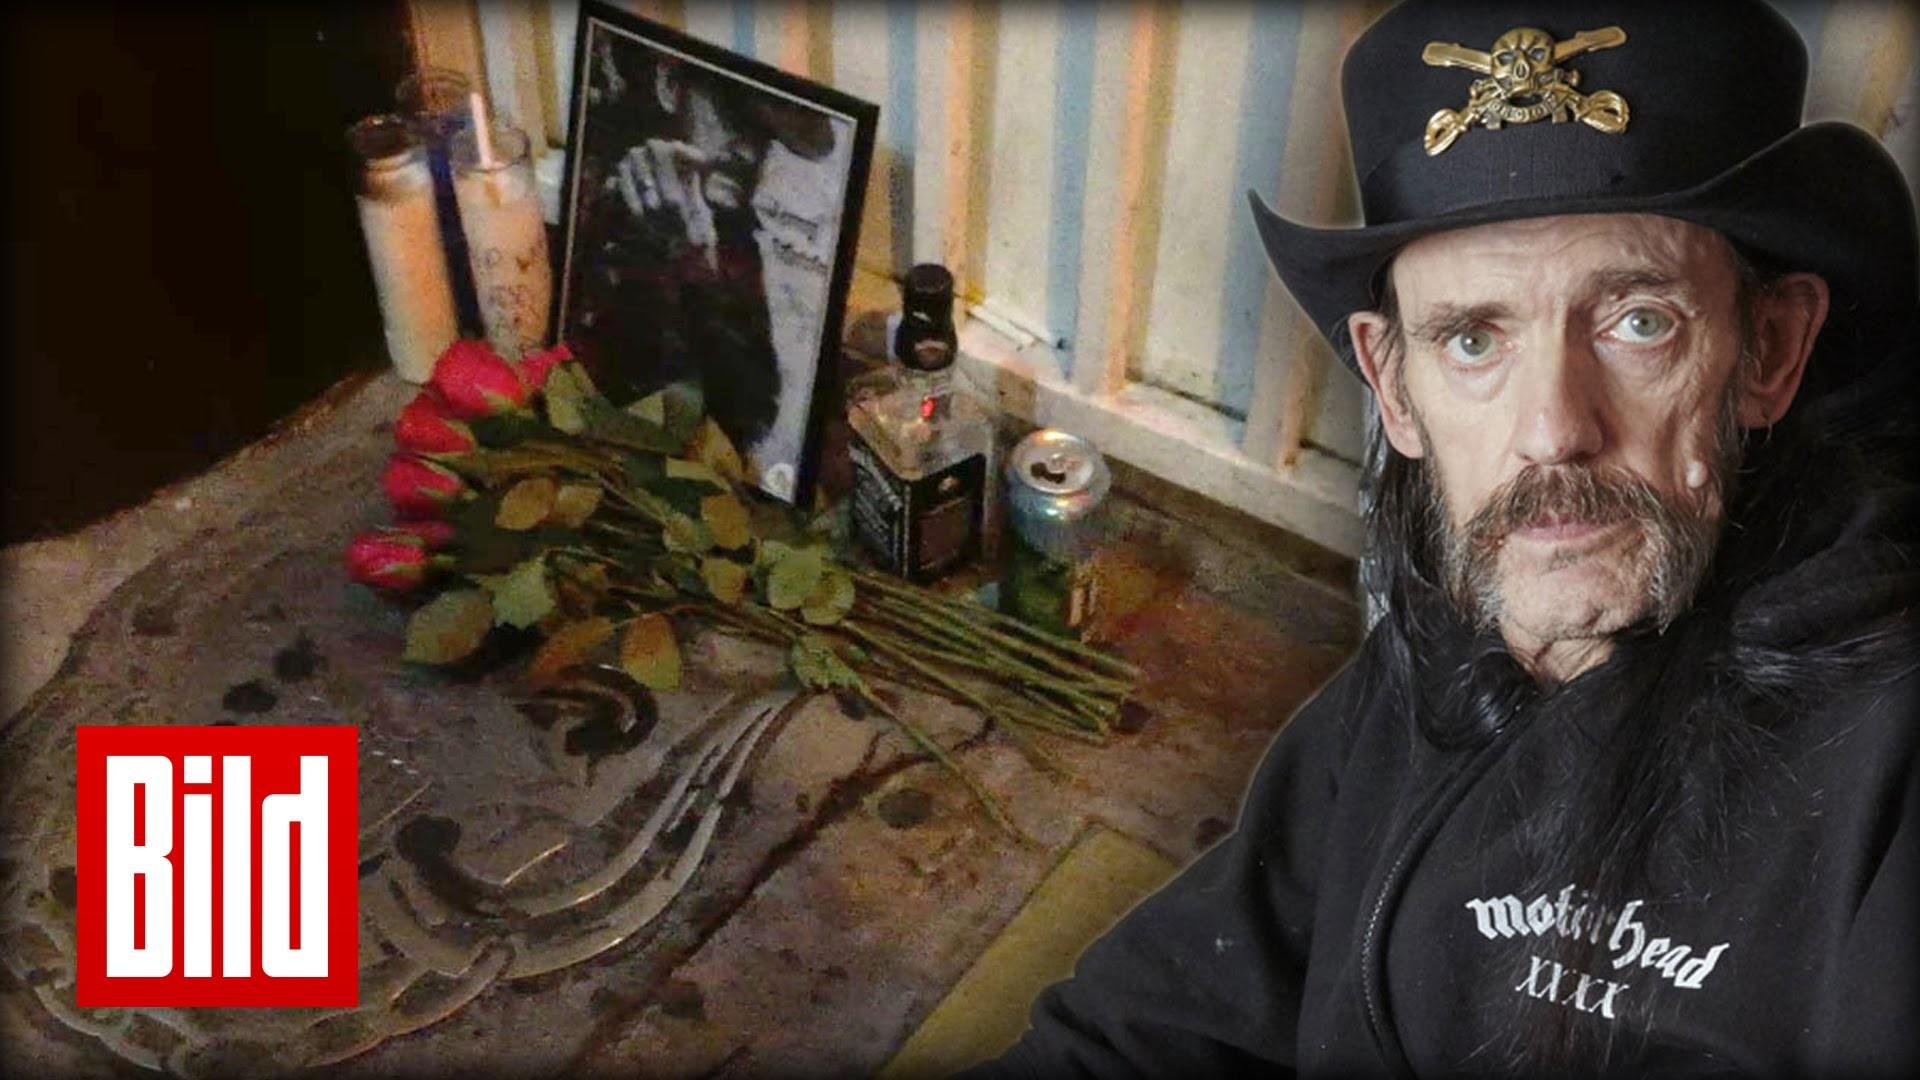 Lemmy Kilmister gestorben (†70) – Gäste seiner Stammbar trauern um Motörhead-Sänger  – YouTube